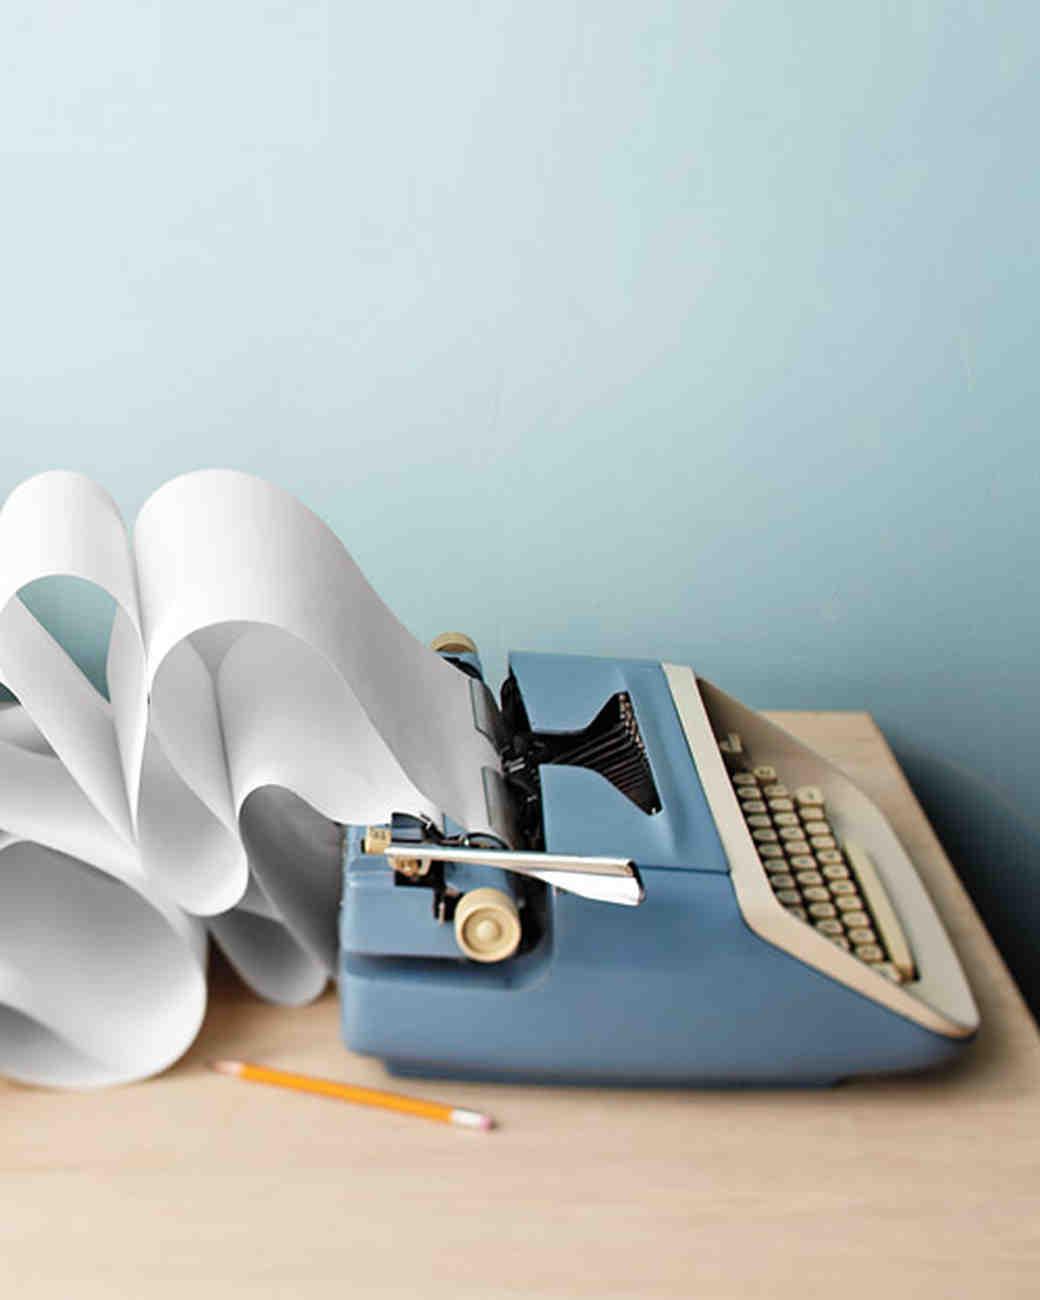 mbd105439_0110_typewriter.jpg